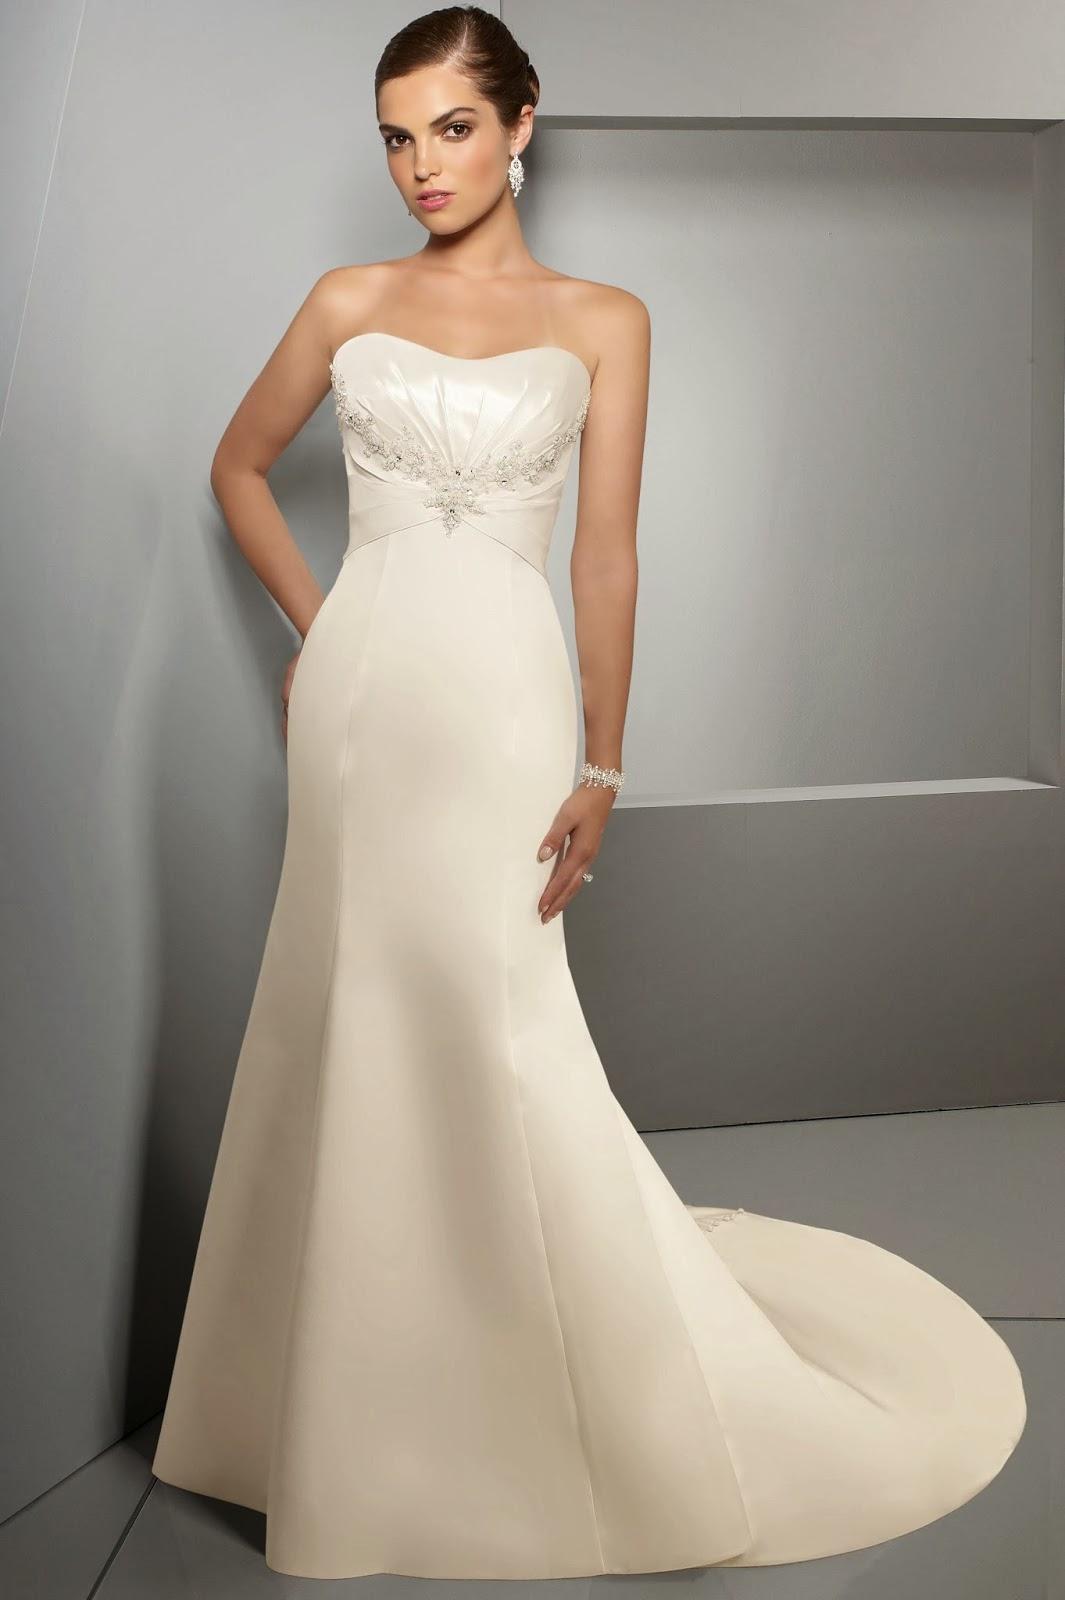 8ef78466b Vestidos de novia para embarazadas 4 meses – Vestidos hermosos y de ...